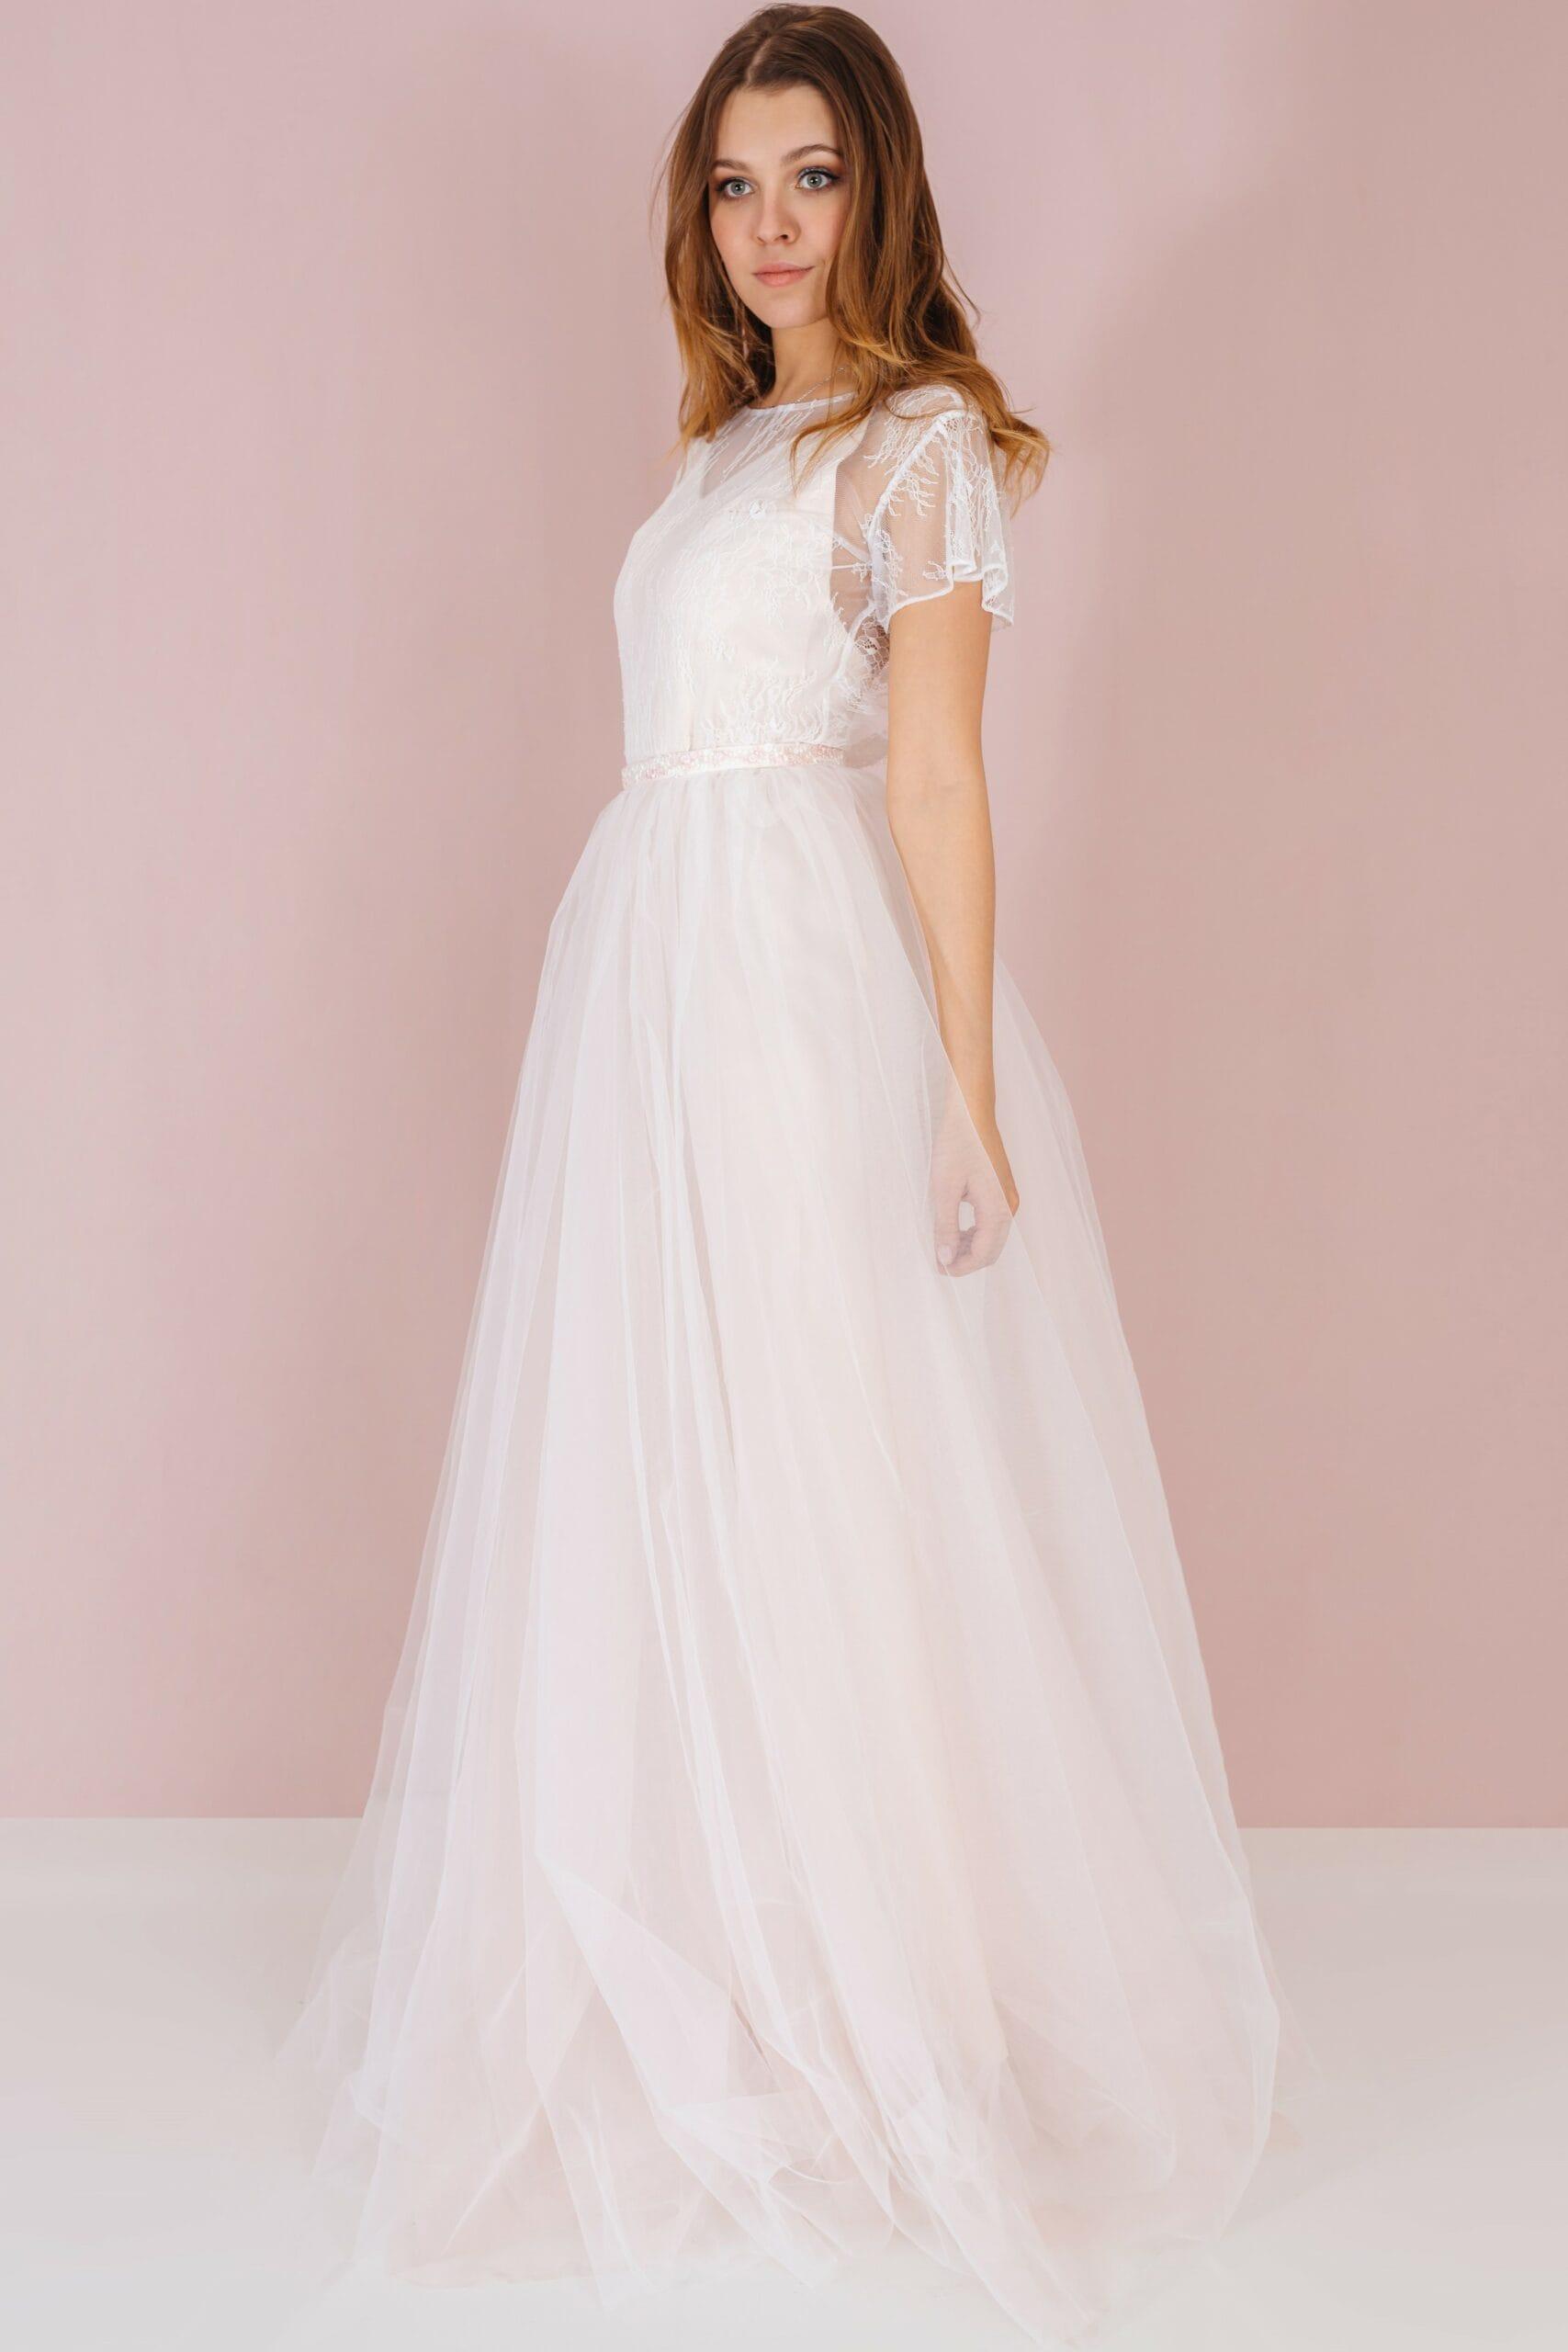 Свадебное платье AMELIA, коллекция LOFT, бренд RARE BRIDAL, фото 1